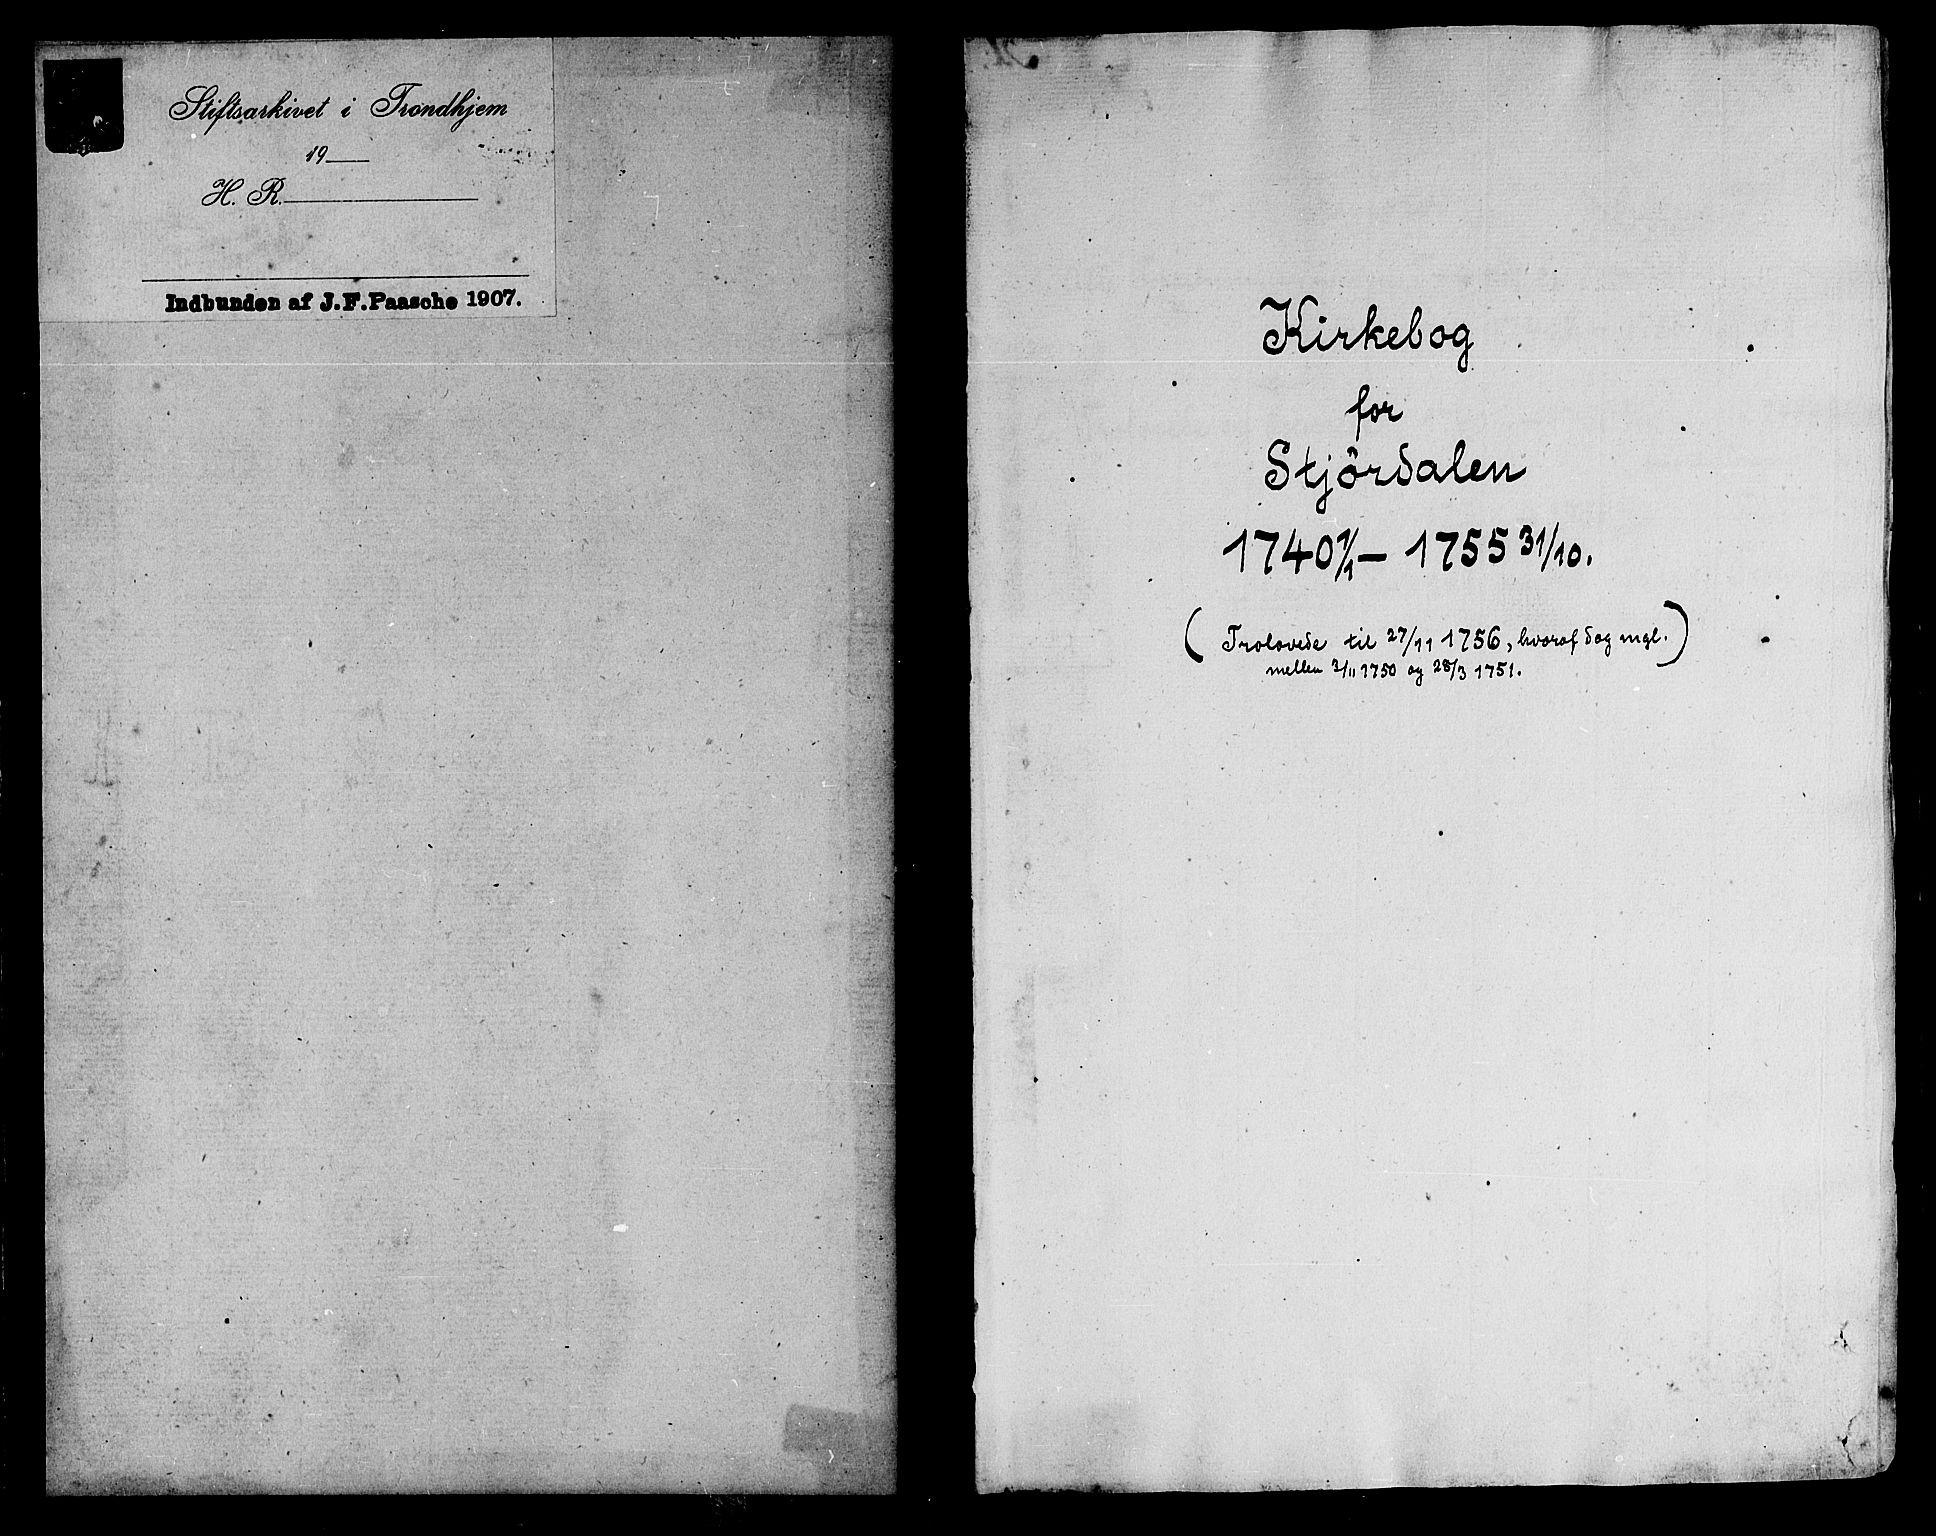 SAT, Ministerialprotokoller, klokkerbøker og fødselsregistre - Nord-Trøndelag, 709/L0056: Ministerialbok nr. 709A04, 1740-1756